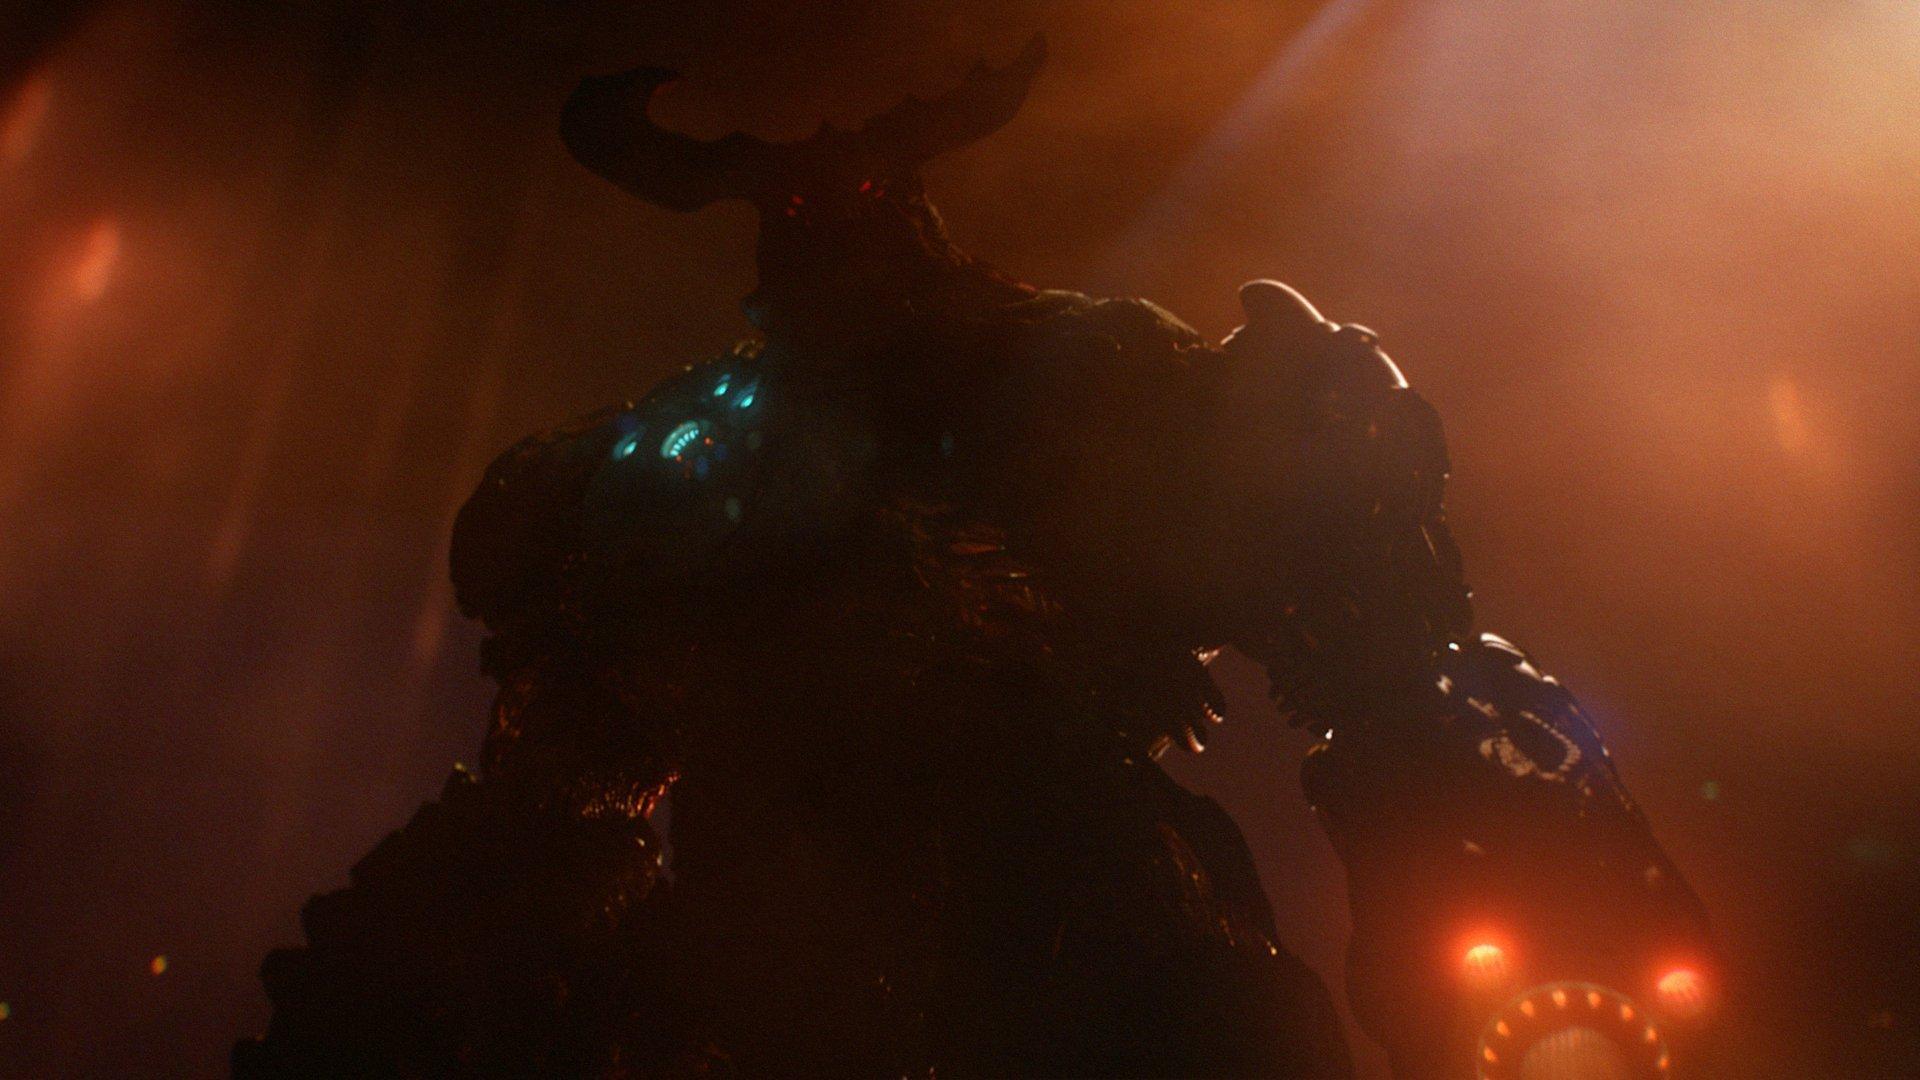 Doom 2016 Wallpapers HD